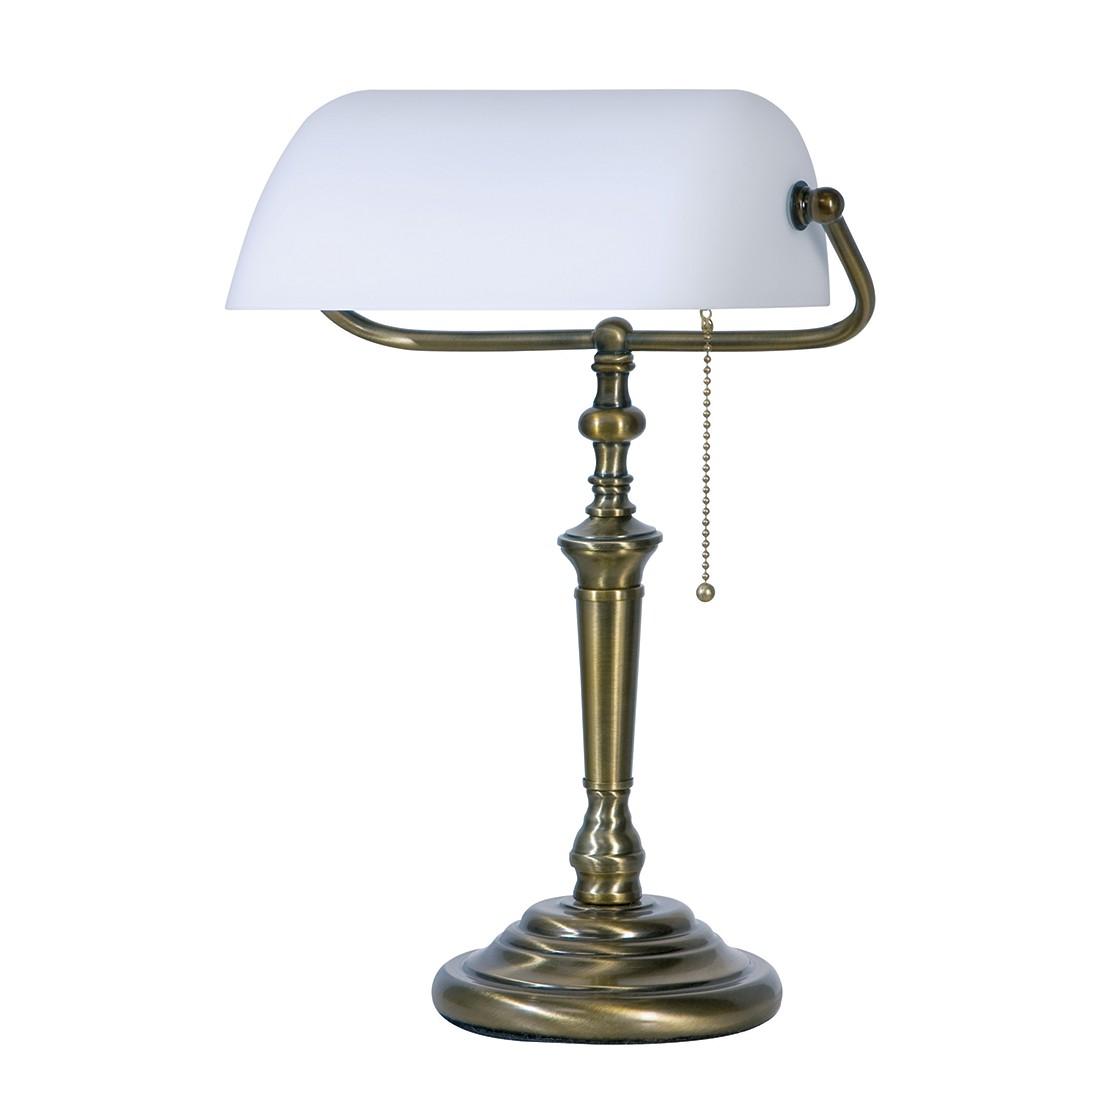 EEK A++, Lampe de table De Rio- 1 ampoule - Laiton bruni, Steinhauer